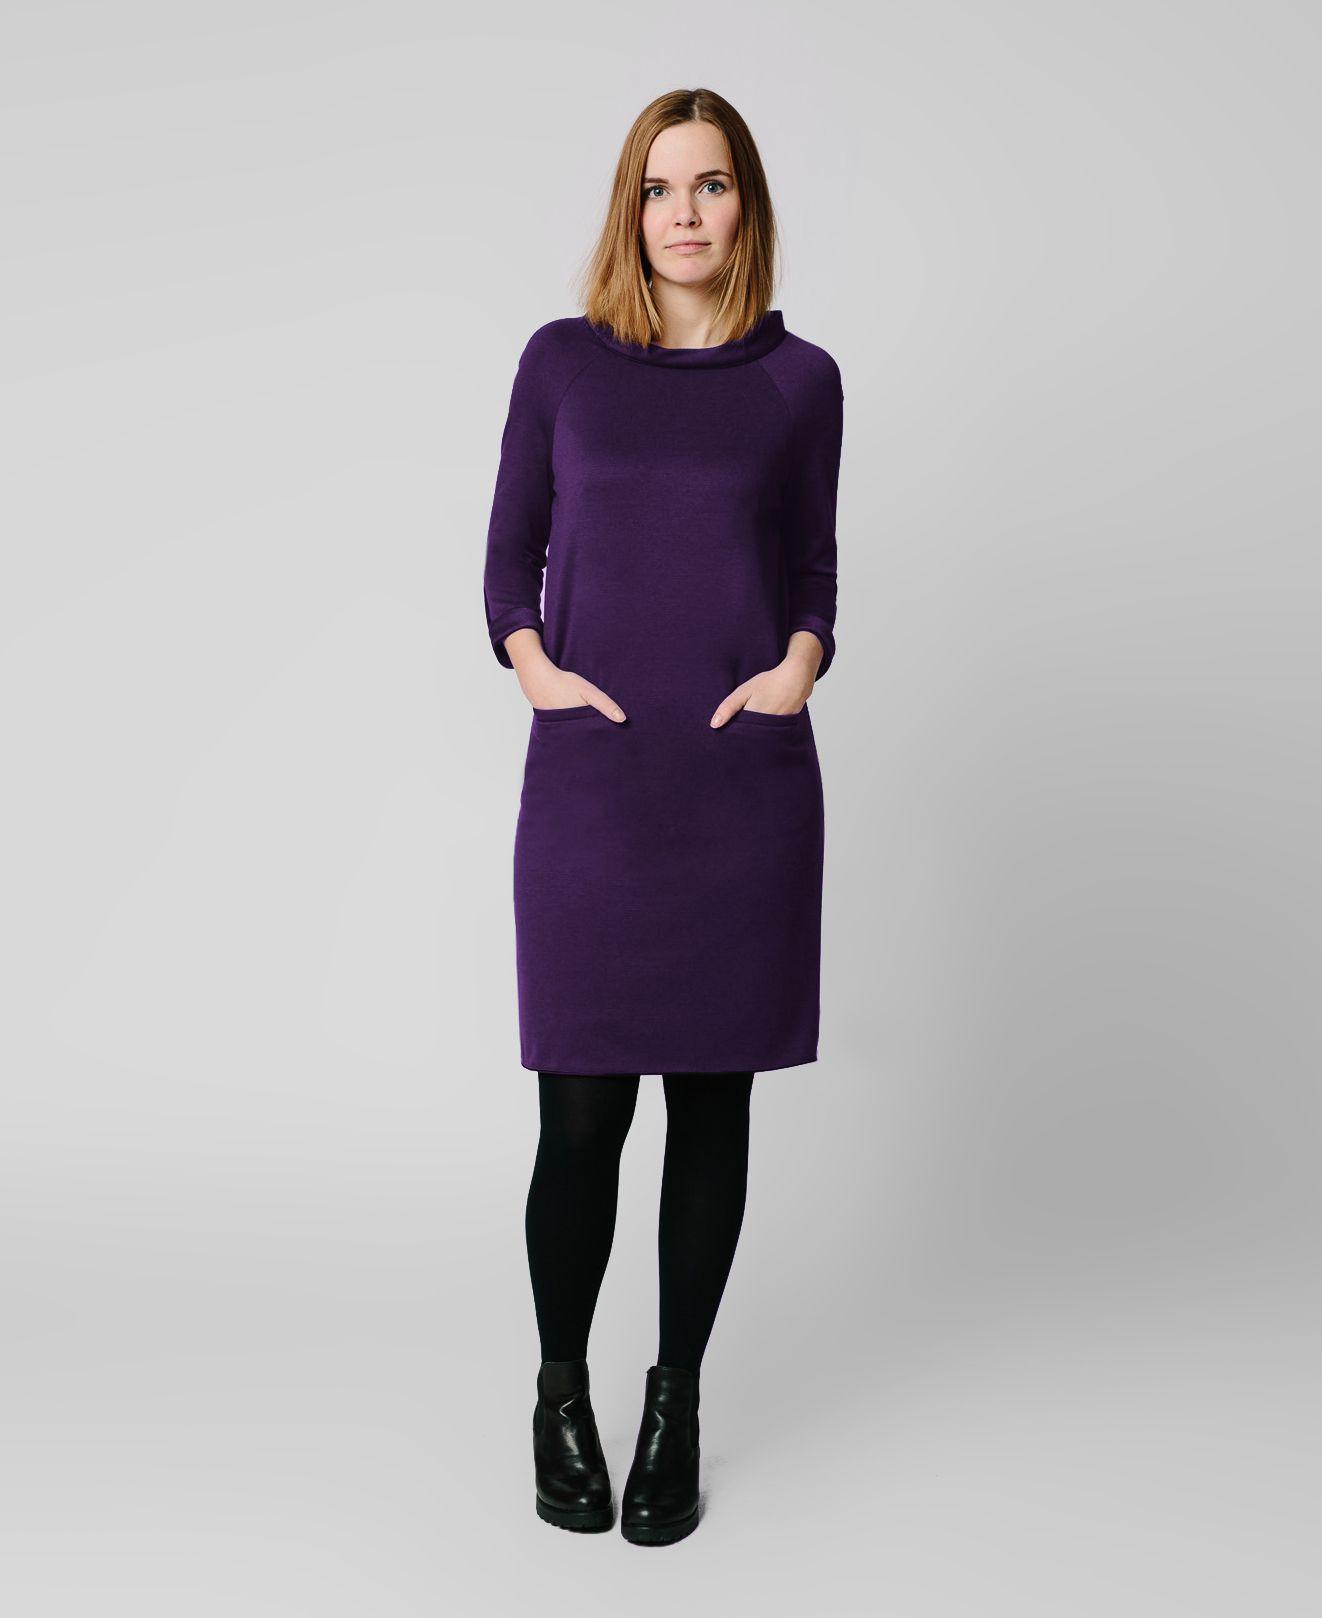 e6a8cb9da617 Immer gut angezogen! … ist man mit diesem Kleid in 60er Jahre Stil aus  festem